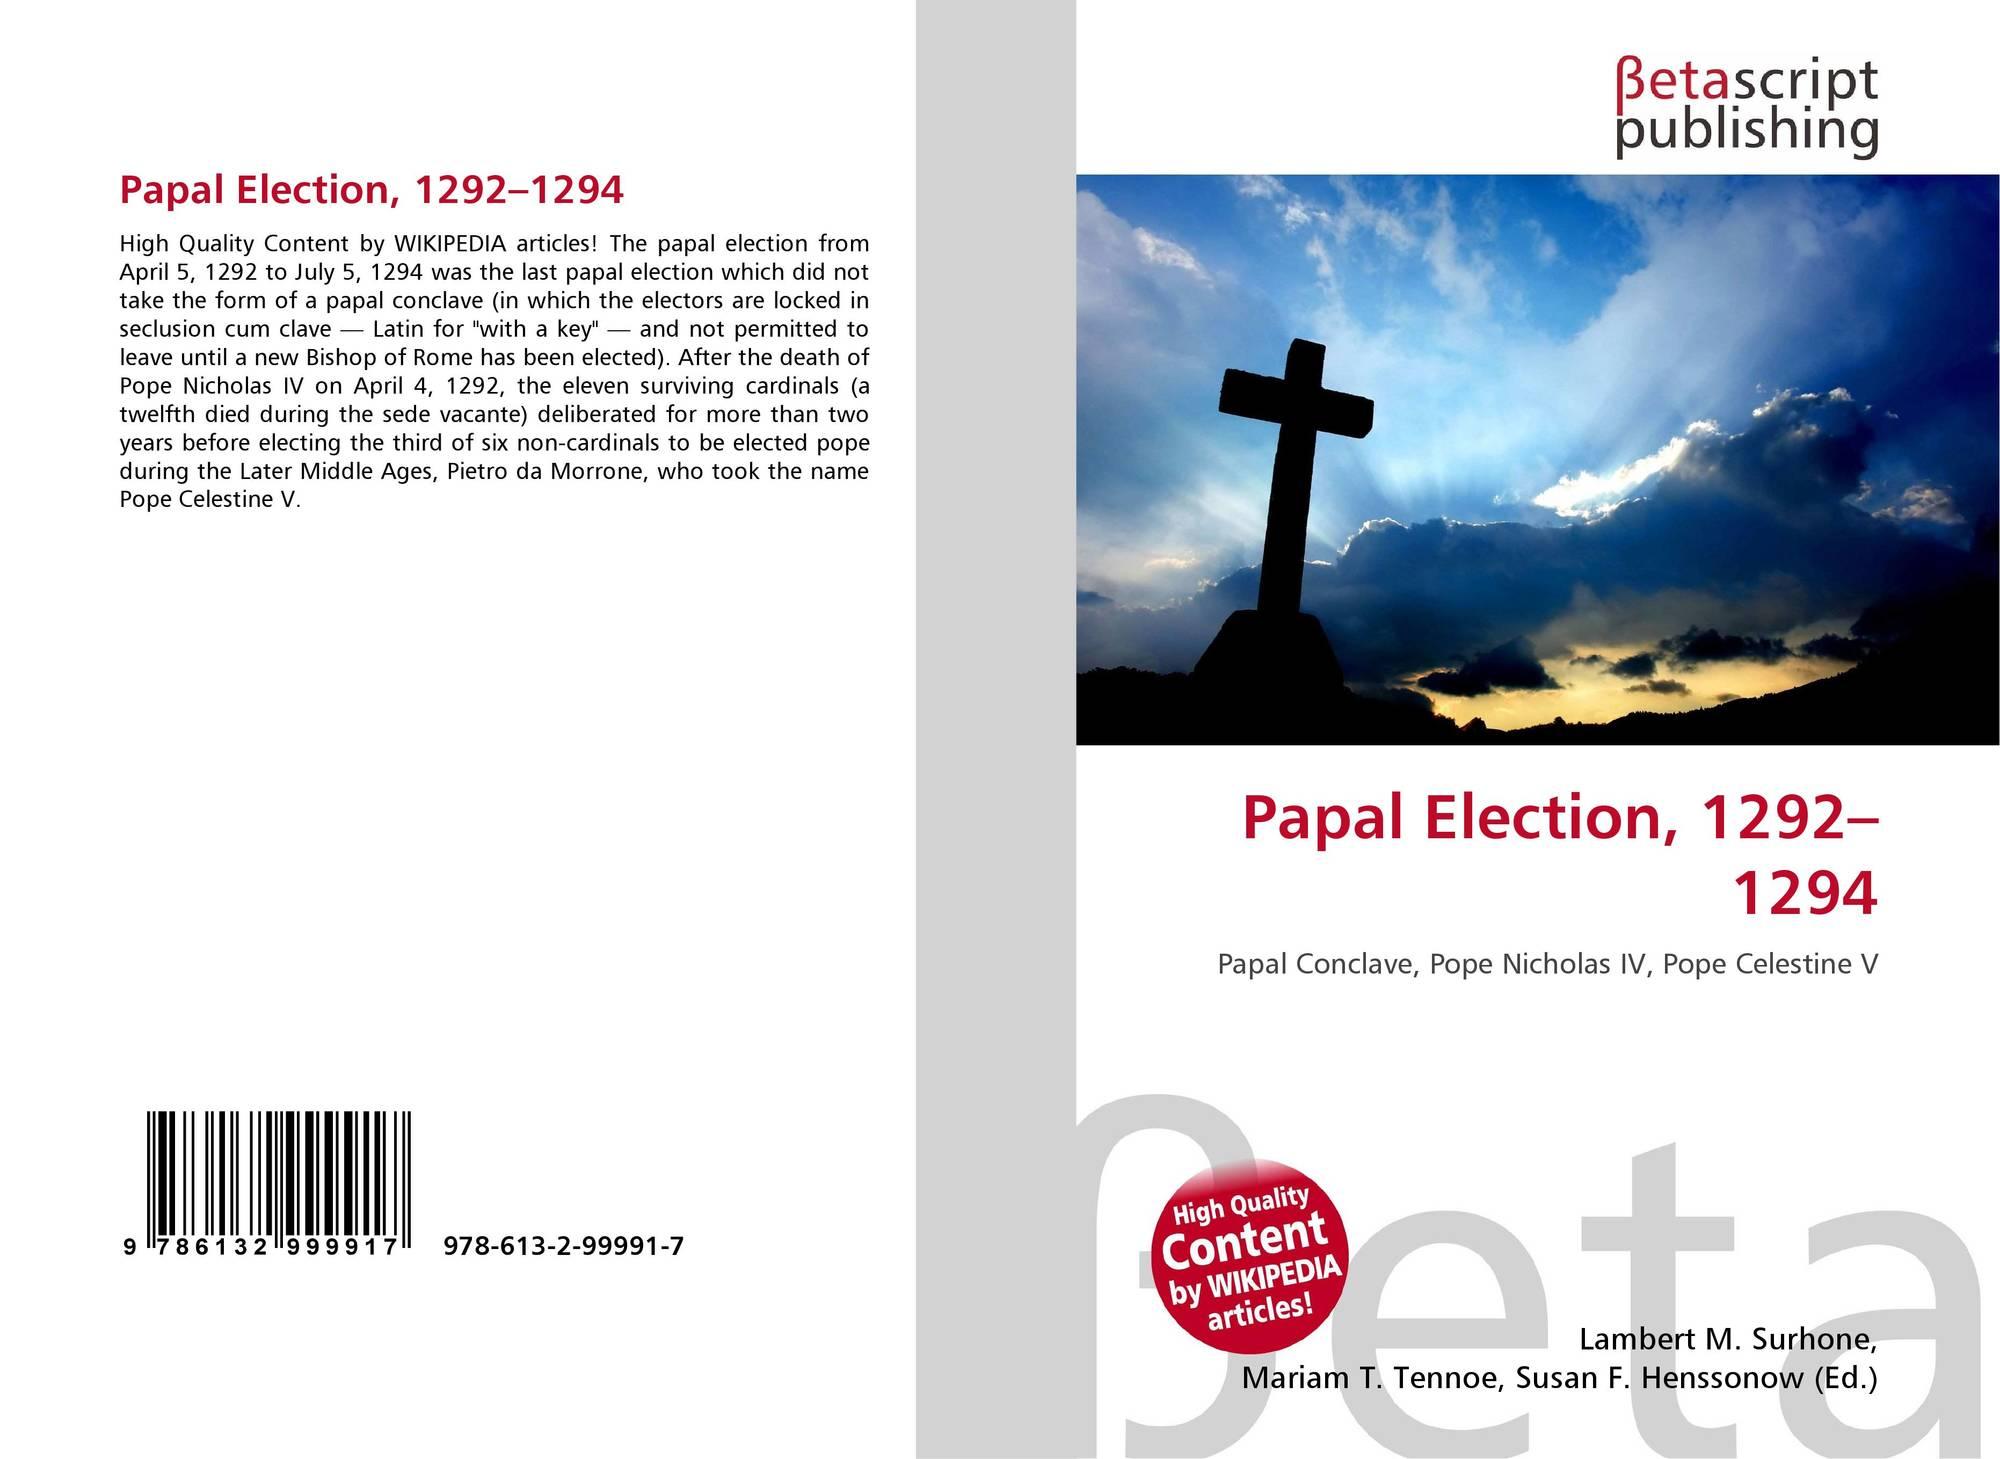 1294 papal conclave